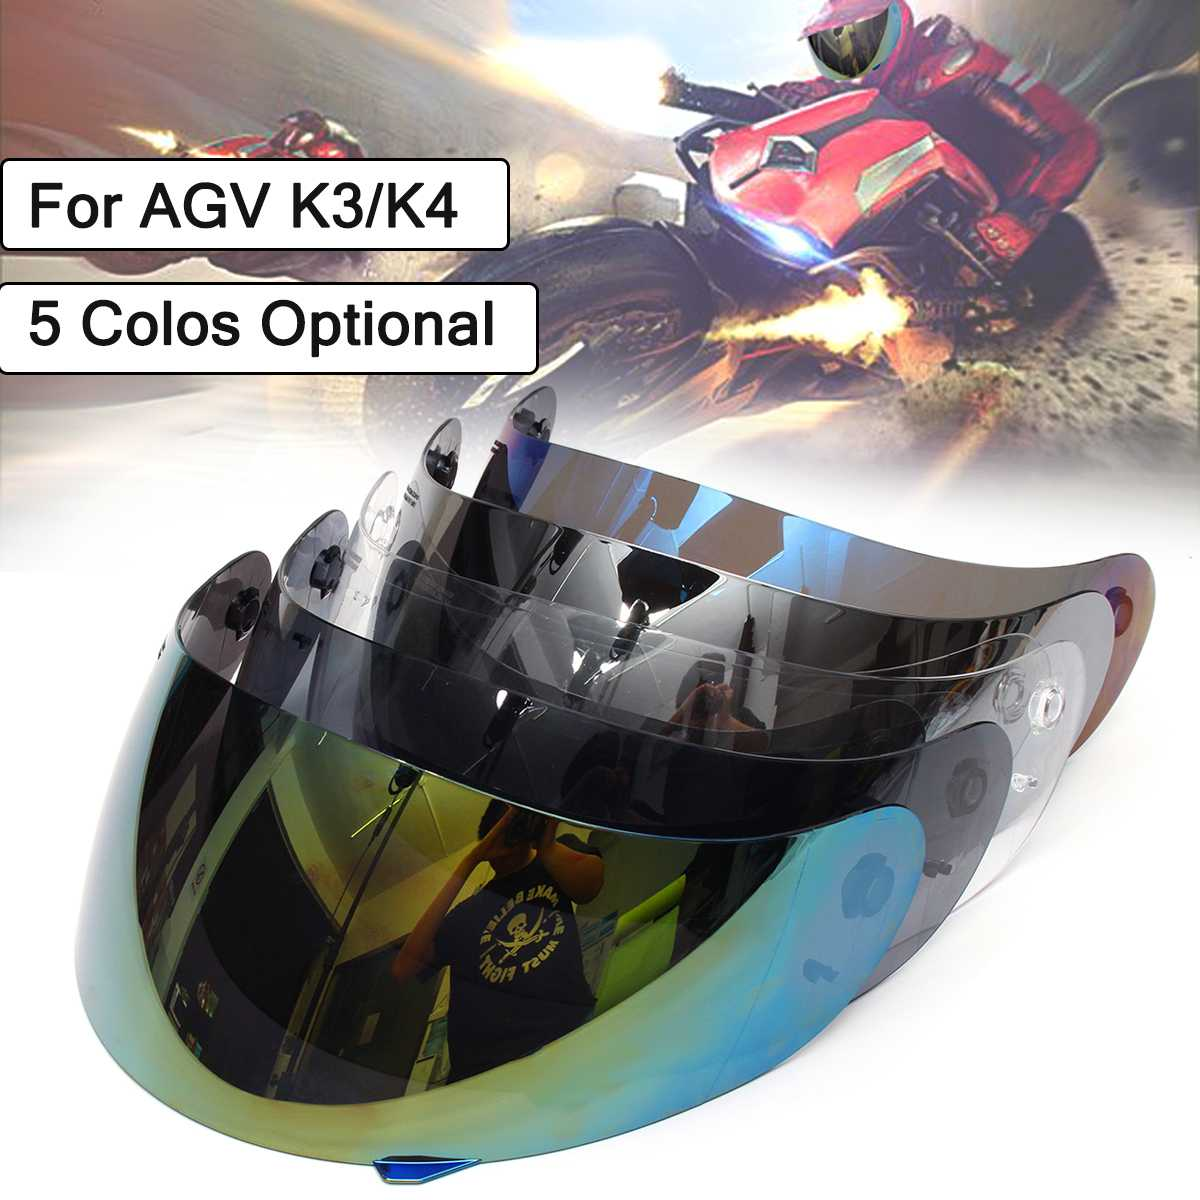 Full Face Schild Motorrad Helm Visier Objektiv Schild Für AGV K3 K4 Motocross Helm Motorrad Helme Sonnenblende